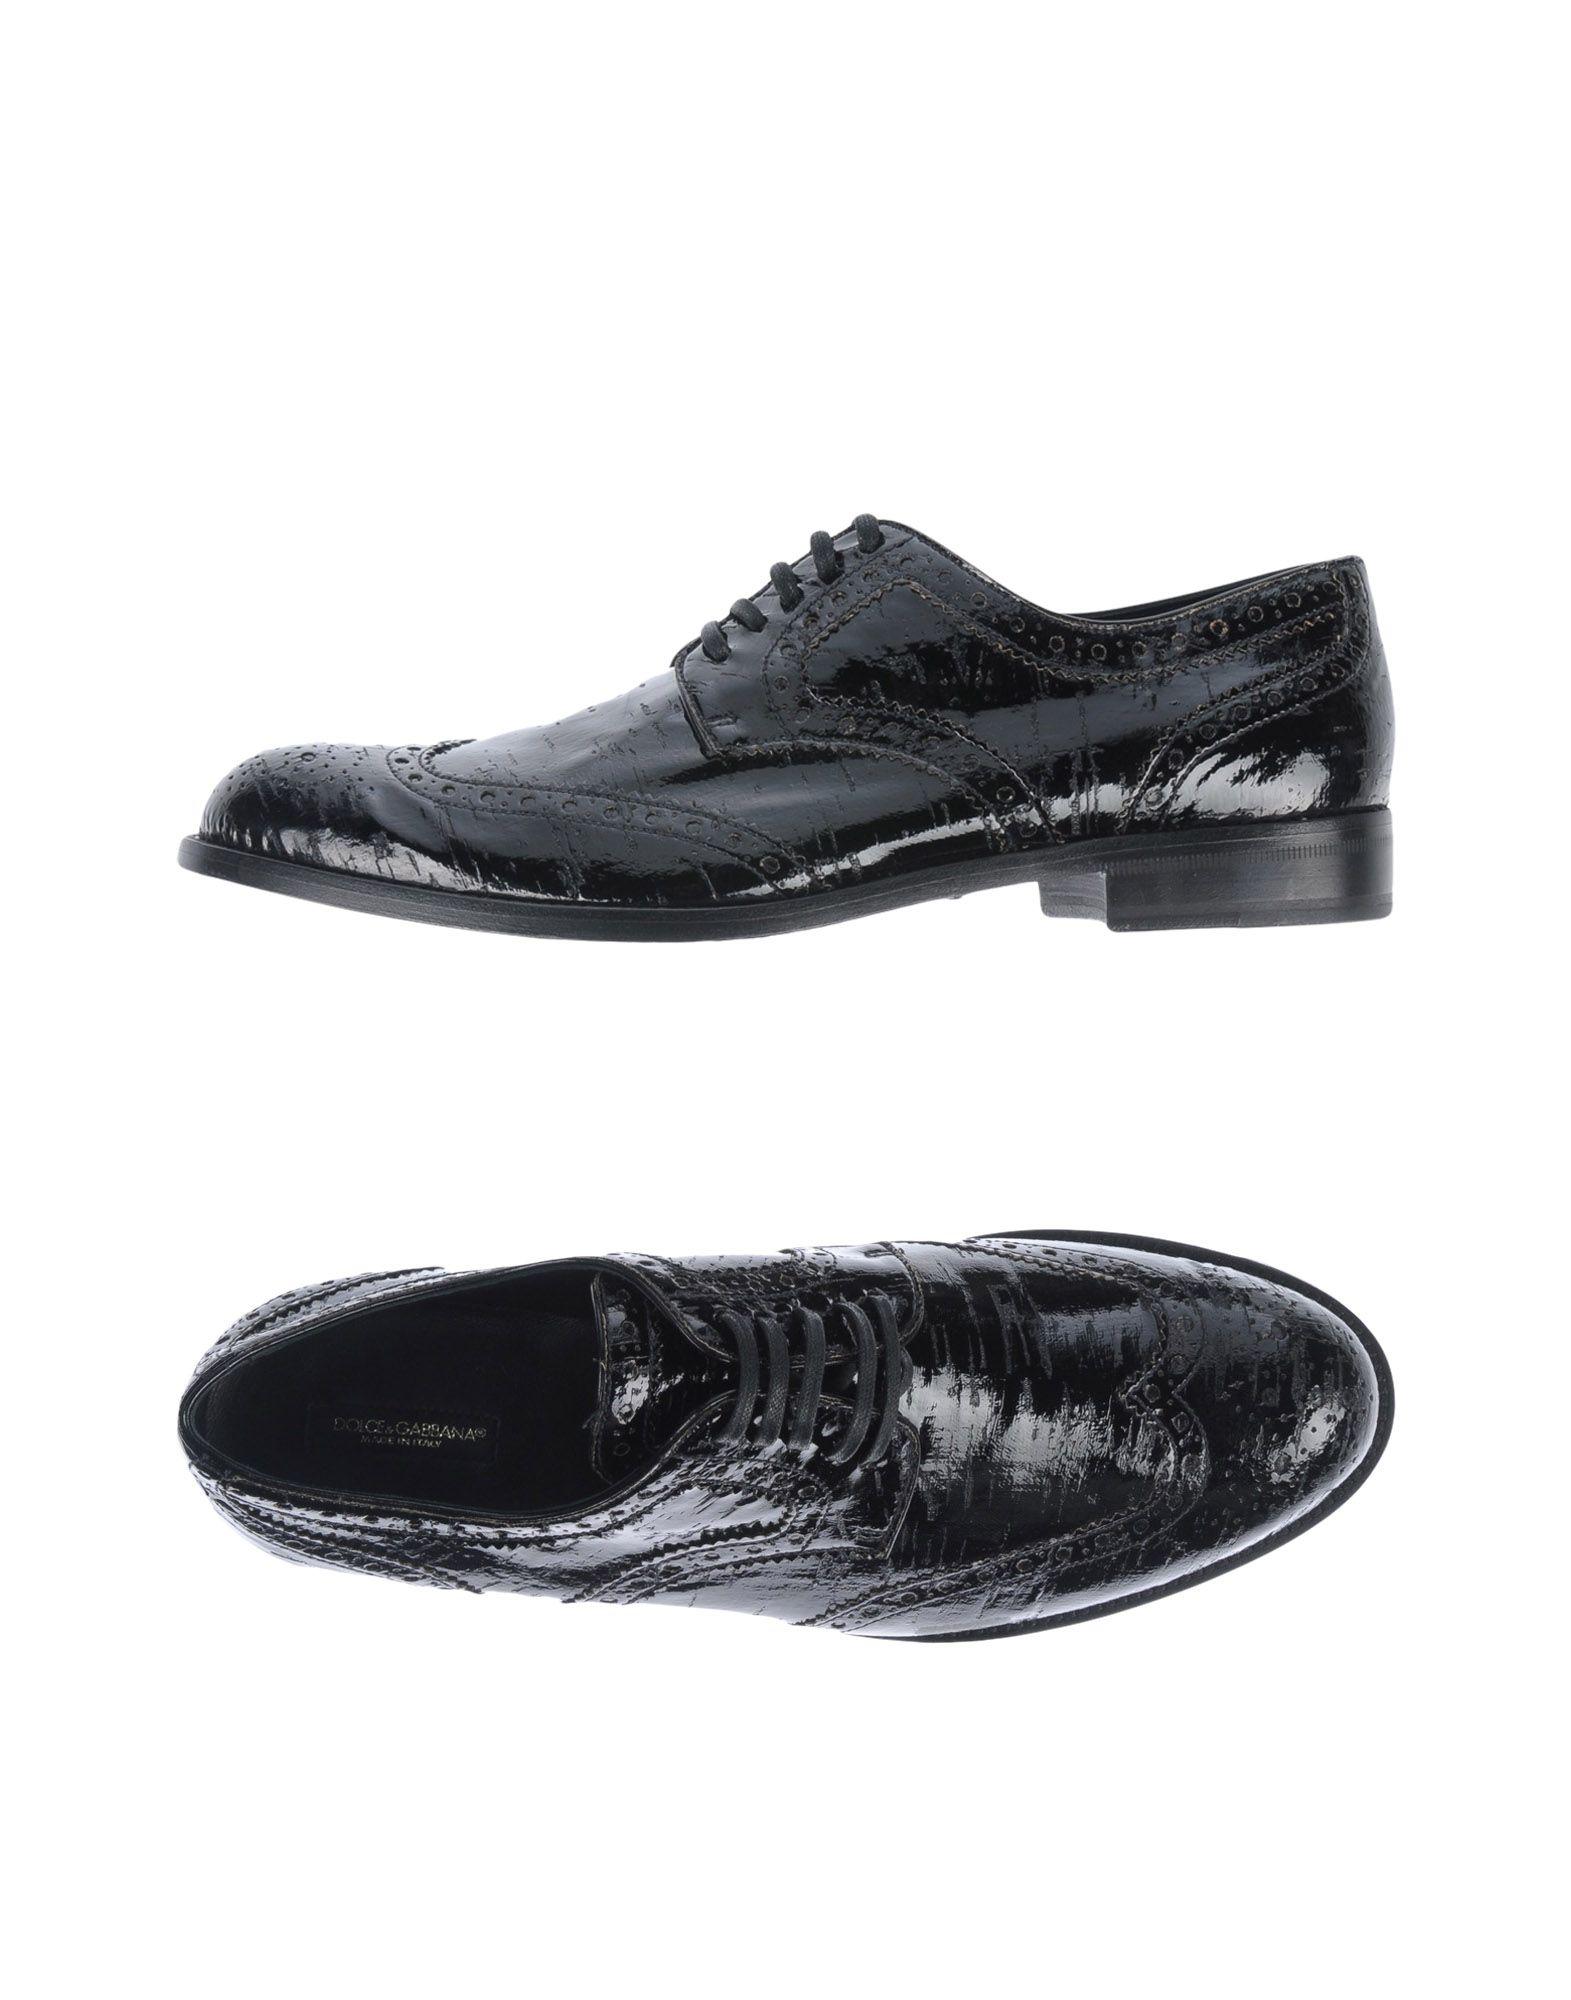 Dolce & 11488903SHGünstige Gabbana Schnürschuhe Damen  11488903SHGünstige & gut aussehende Schuhe a3a169